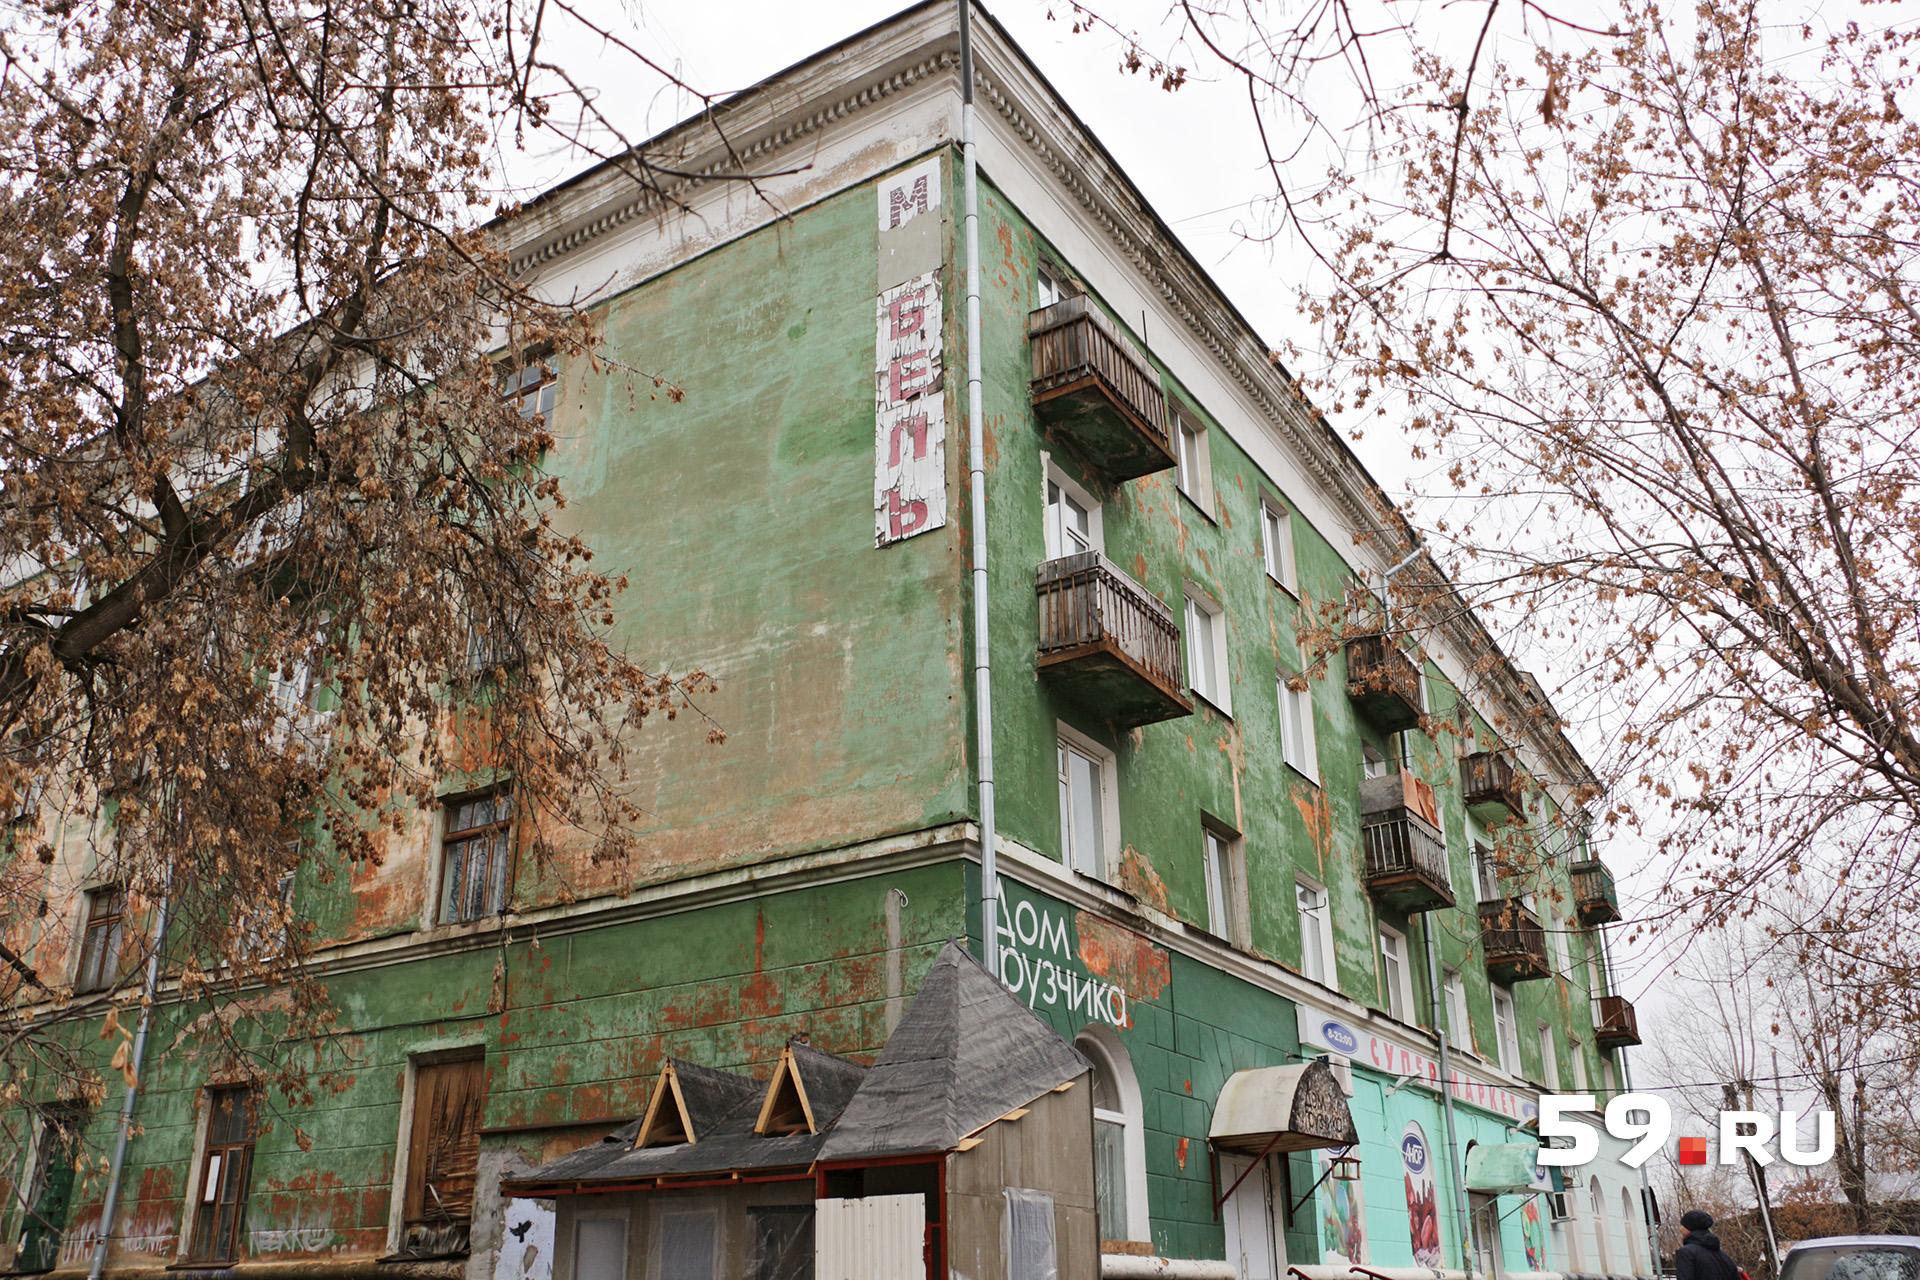 Сторона дома с улицы Толмачева